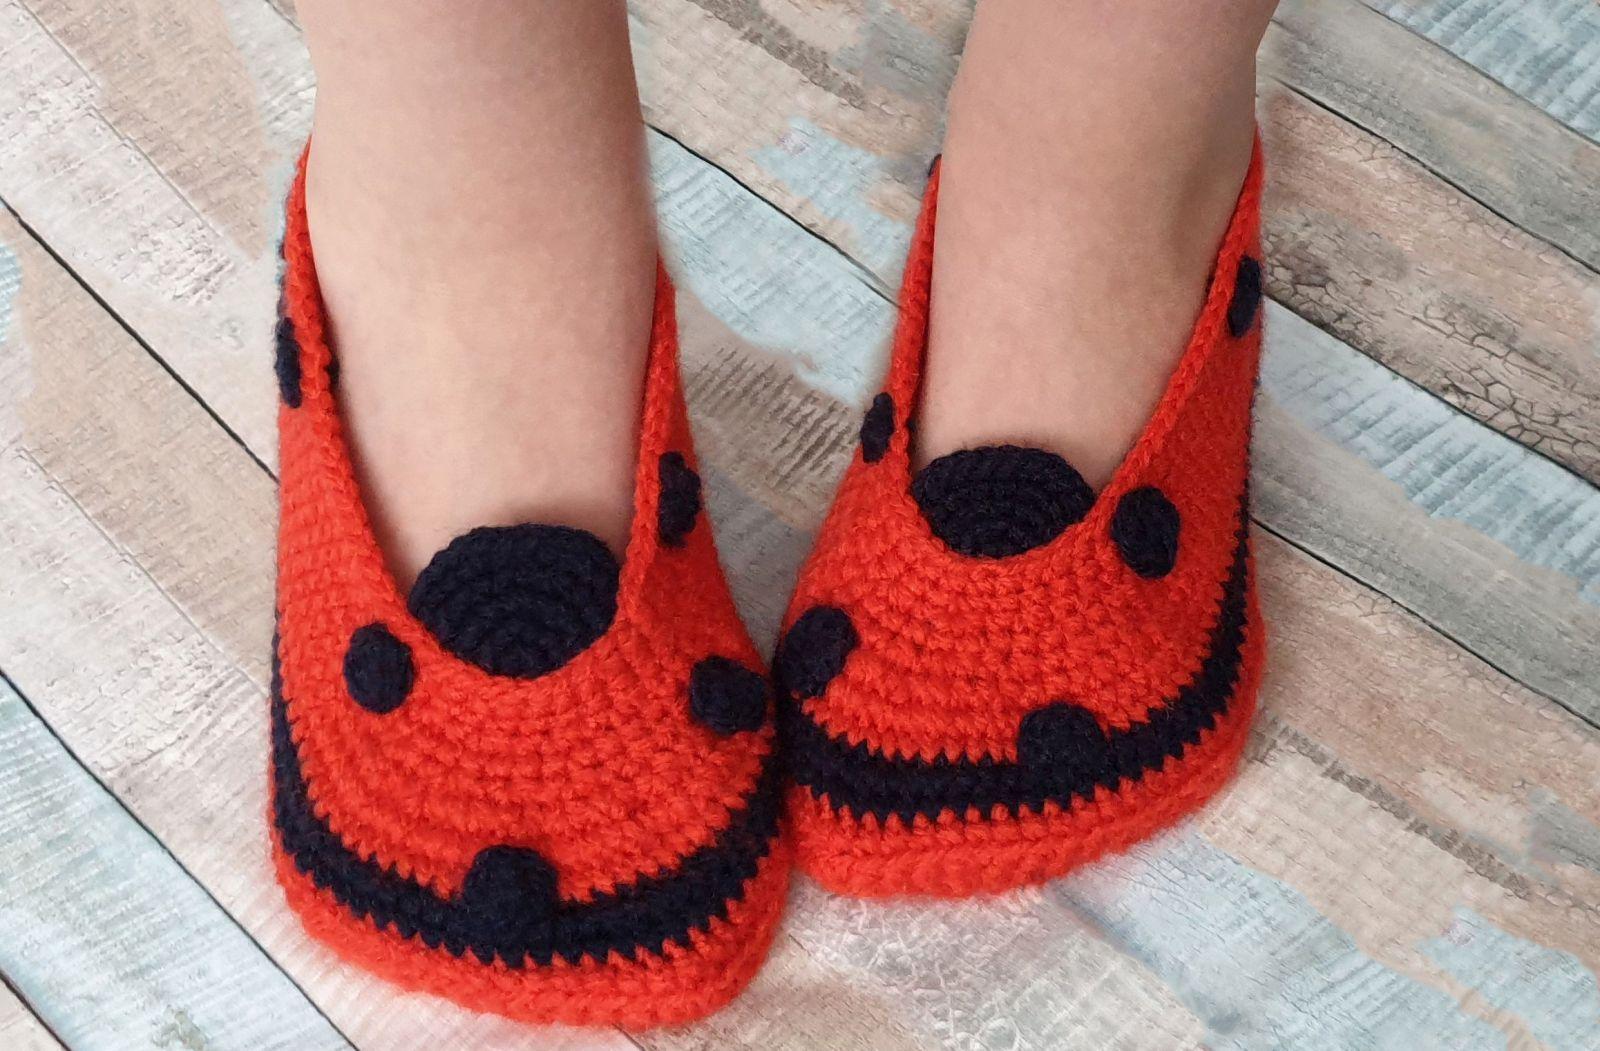 Chaussures bébé au crochet gratuites pour les nouveau-nés!   – Häkel crochet